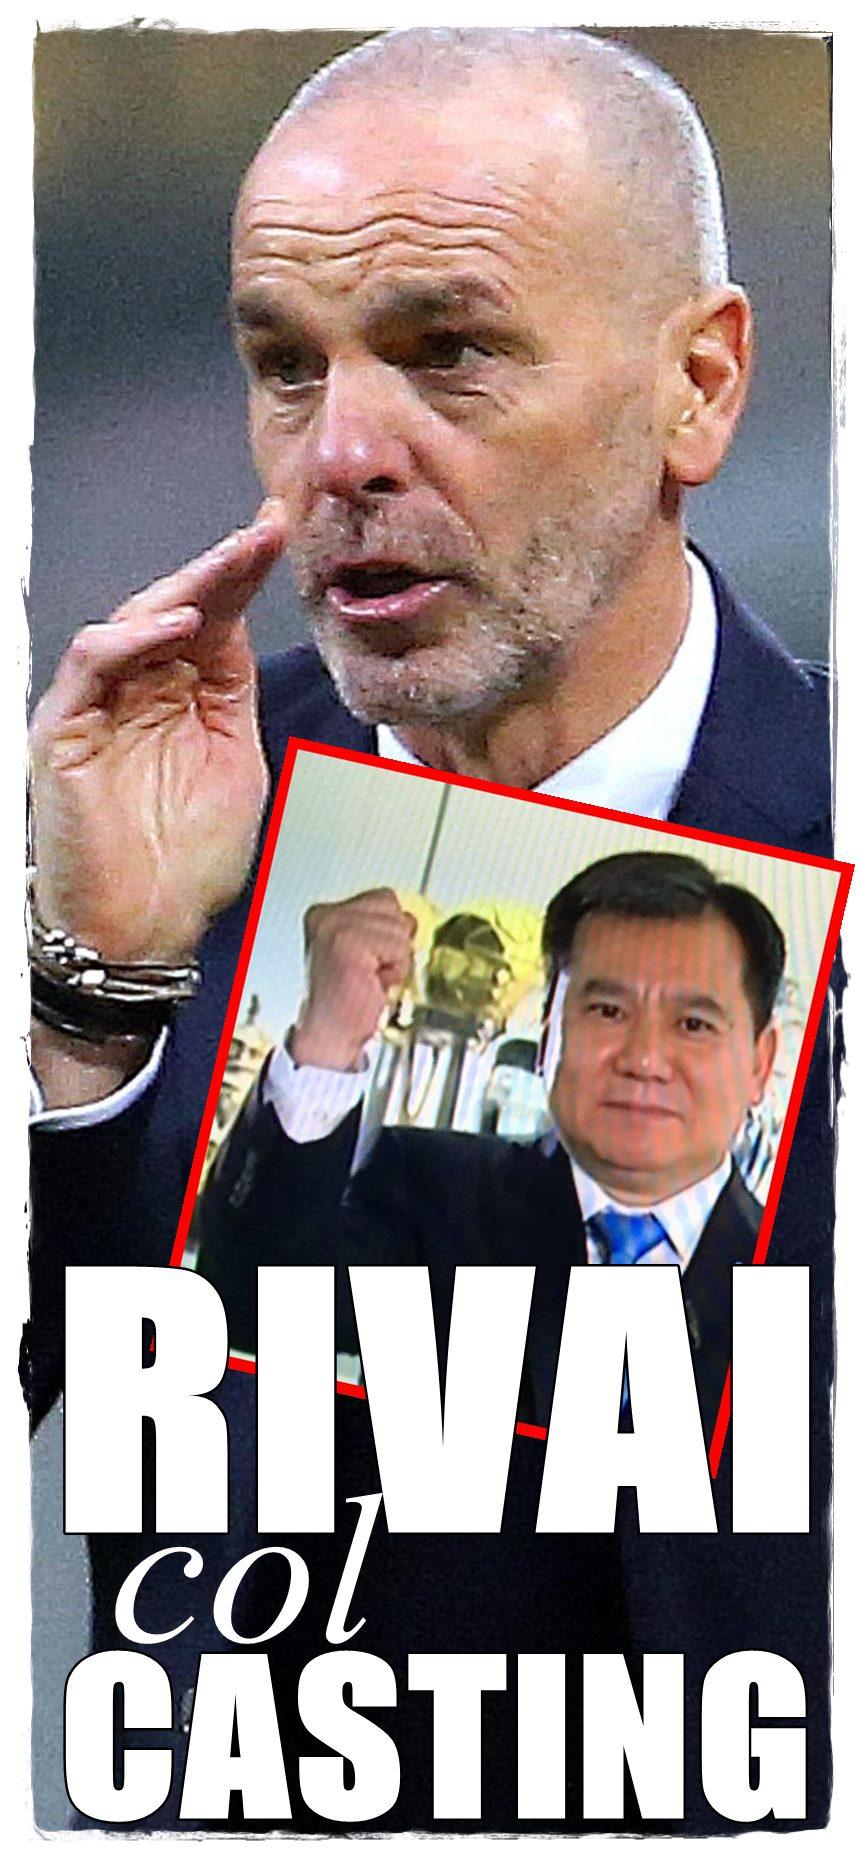 ++ Calcio: Inter, esonerato Pioli ++